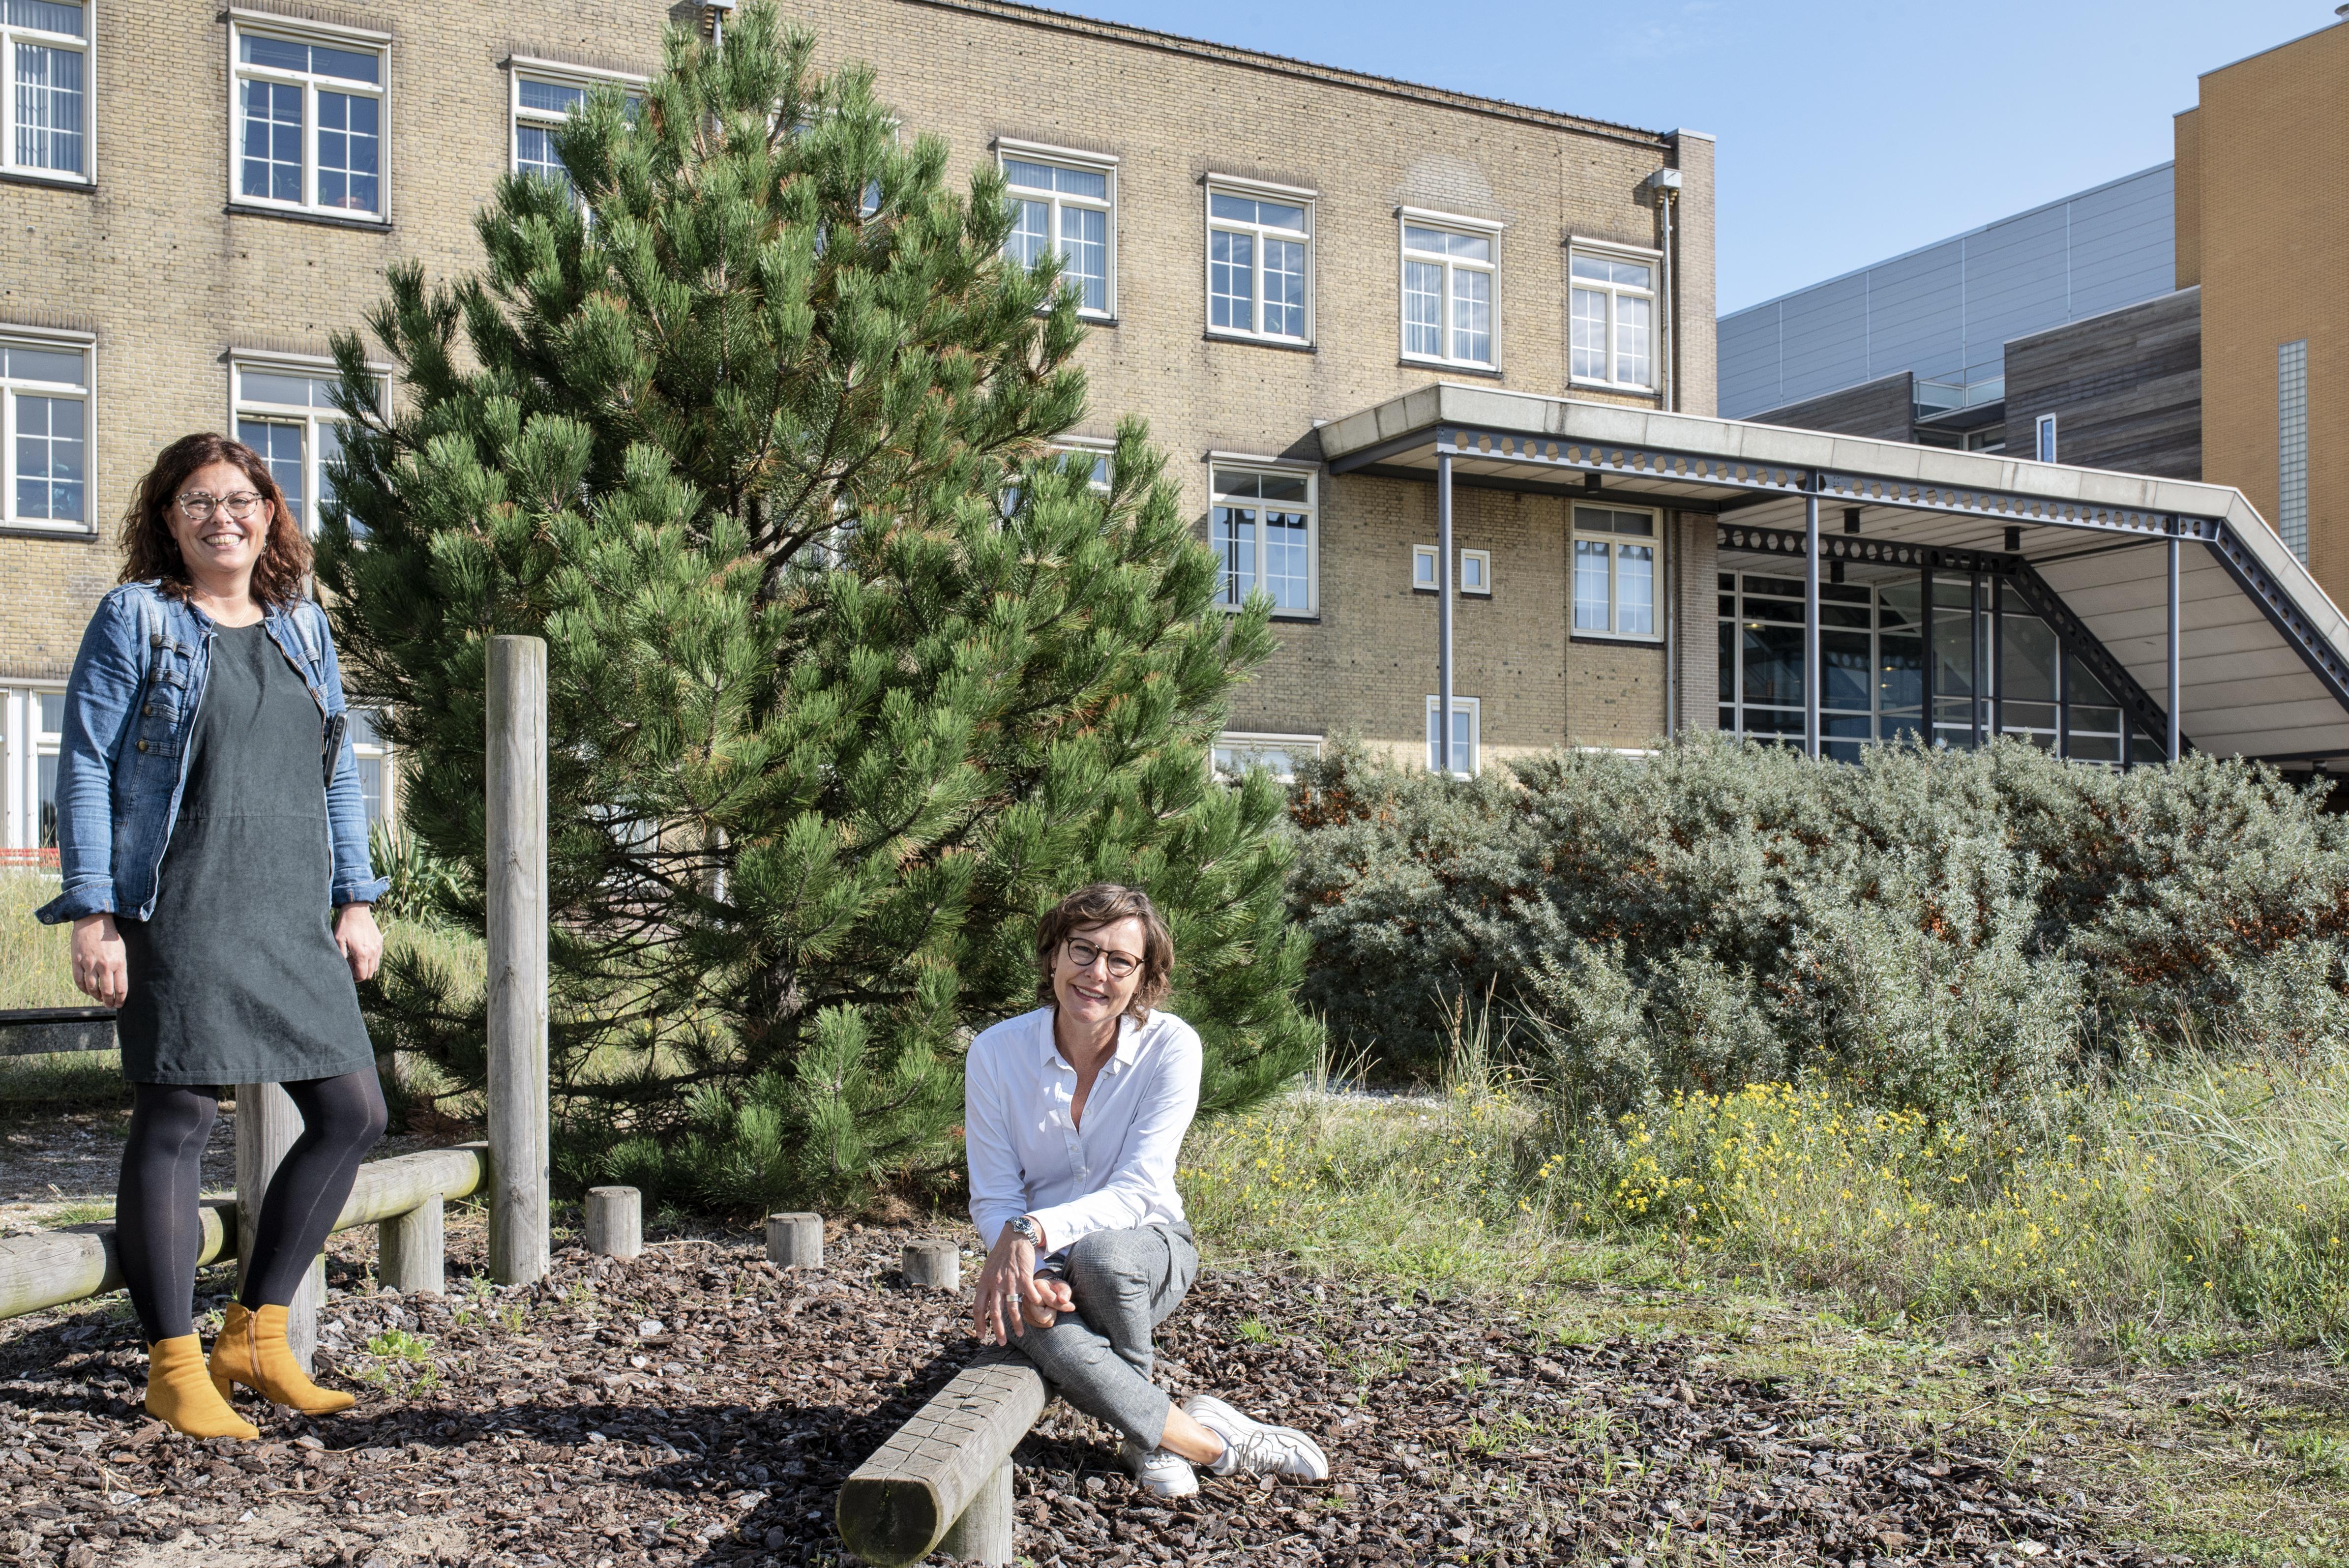 Marieke van Beugen van Heliomare geeft je inzicht in het pijnbrein: 'Wij helpen 300 tot 400 patiënten per jaar. Die kunnen weer meedoen'